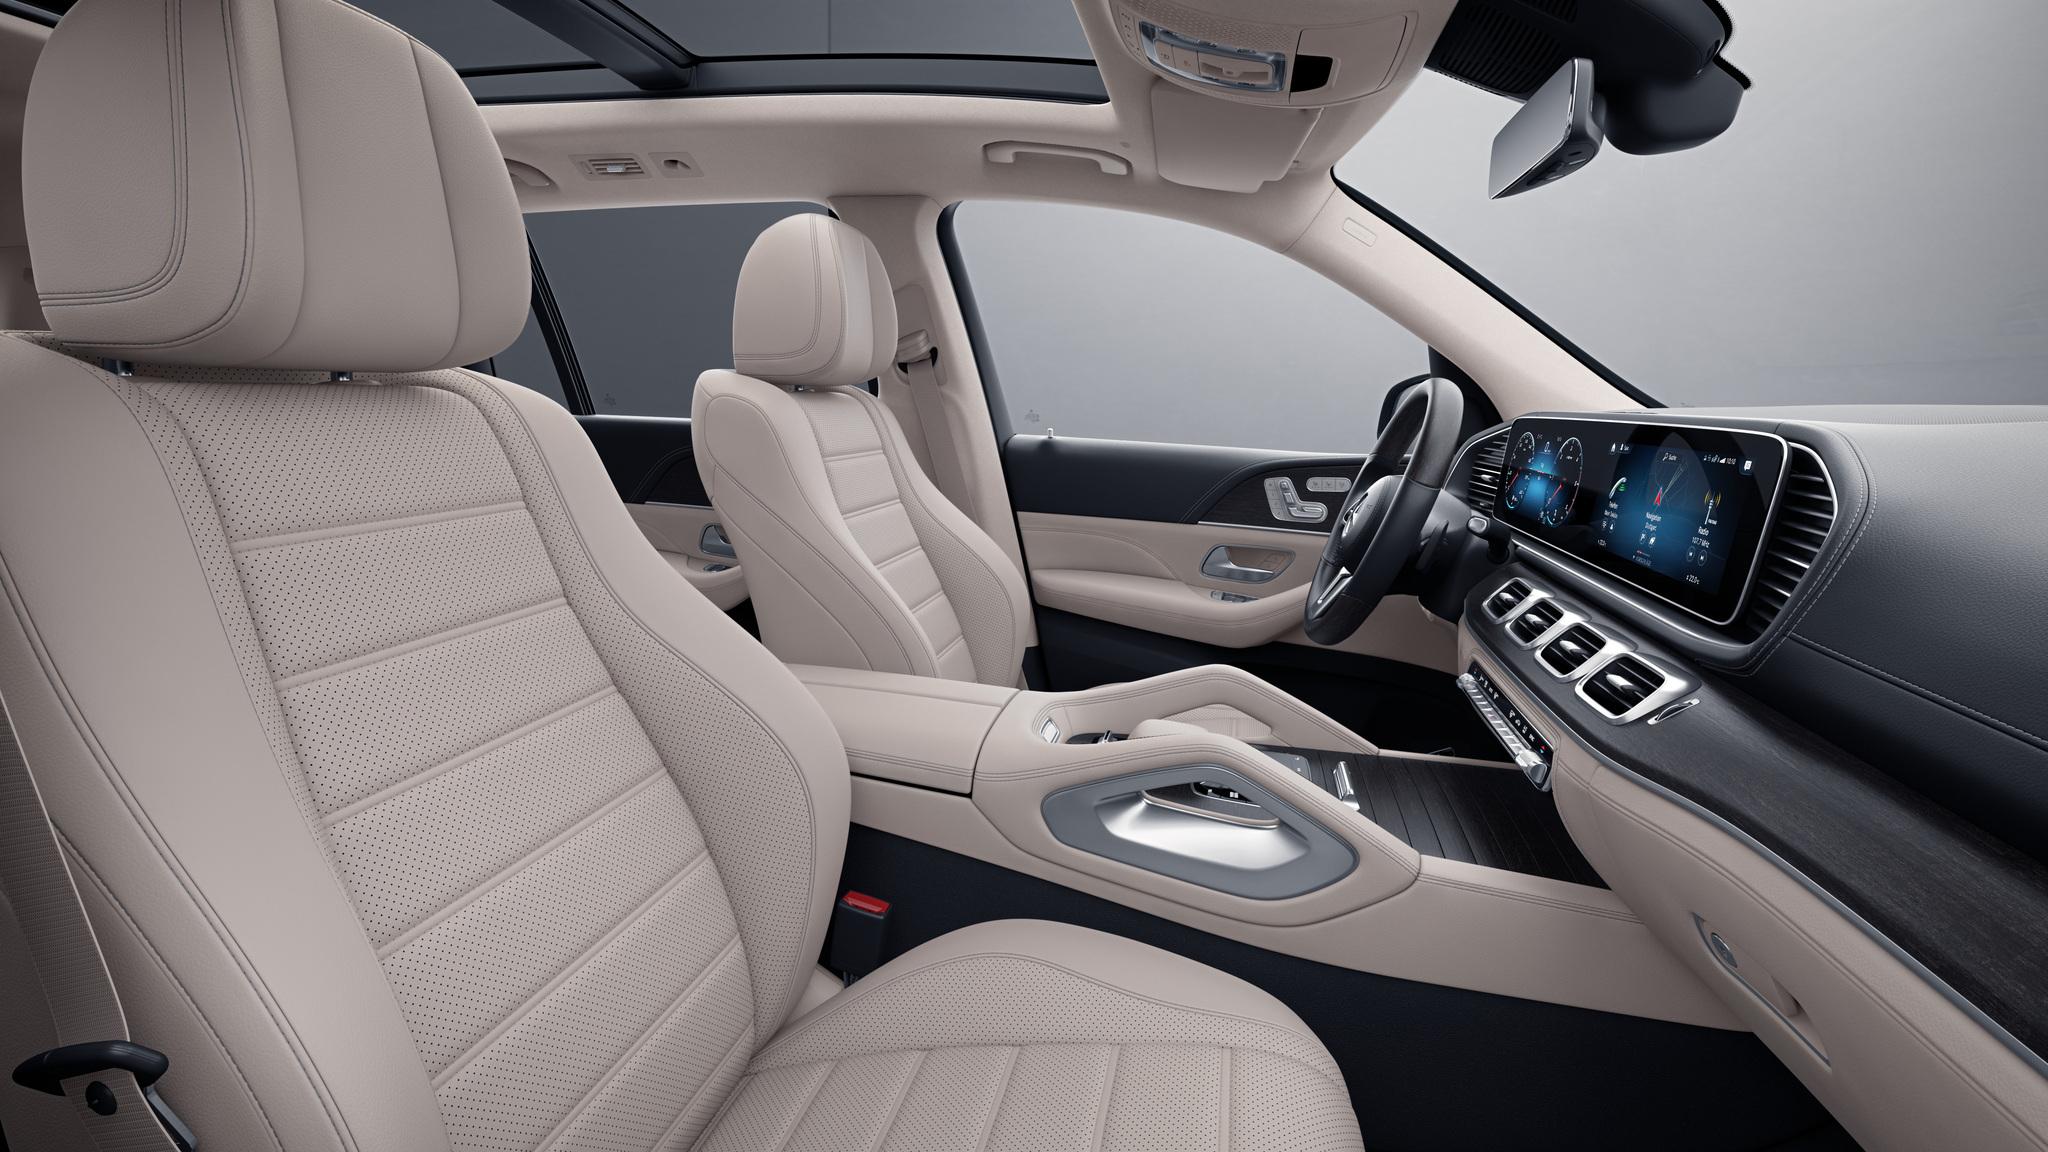 Habitacle de la Mercedes GLS avec une Sellerie cuir beige macchiato noir